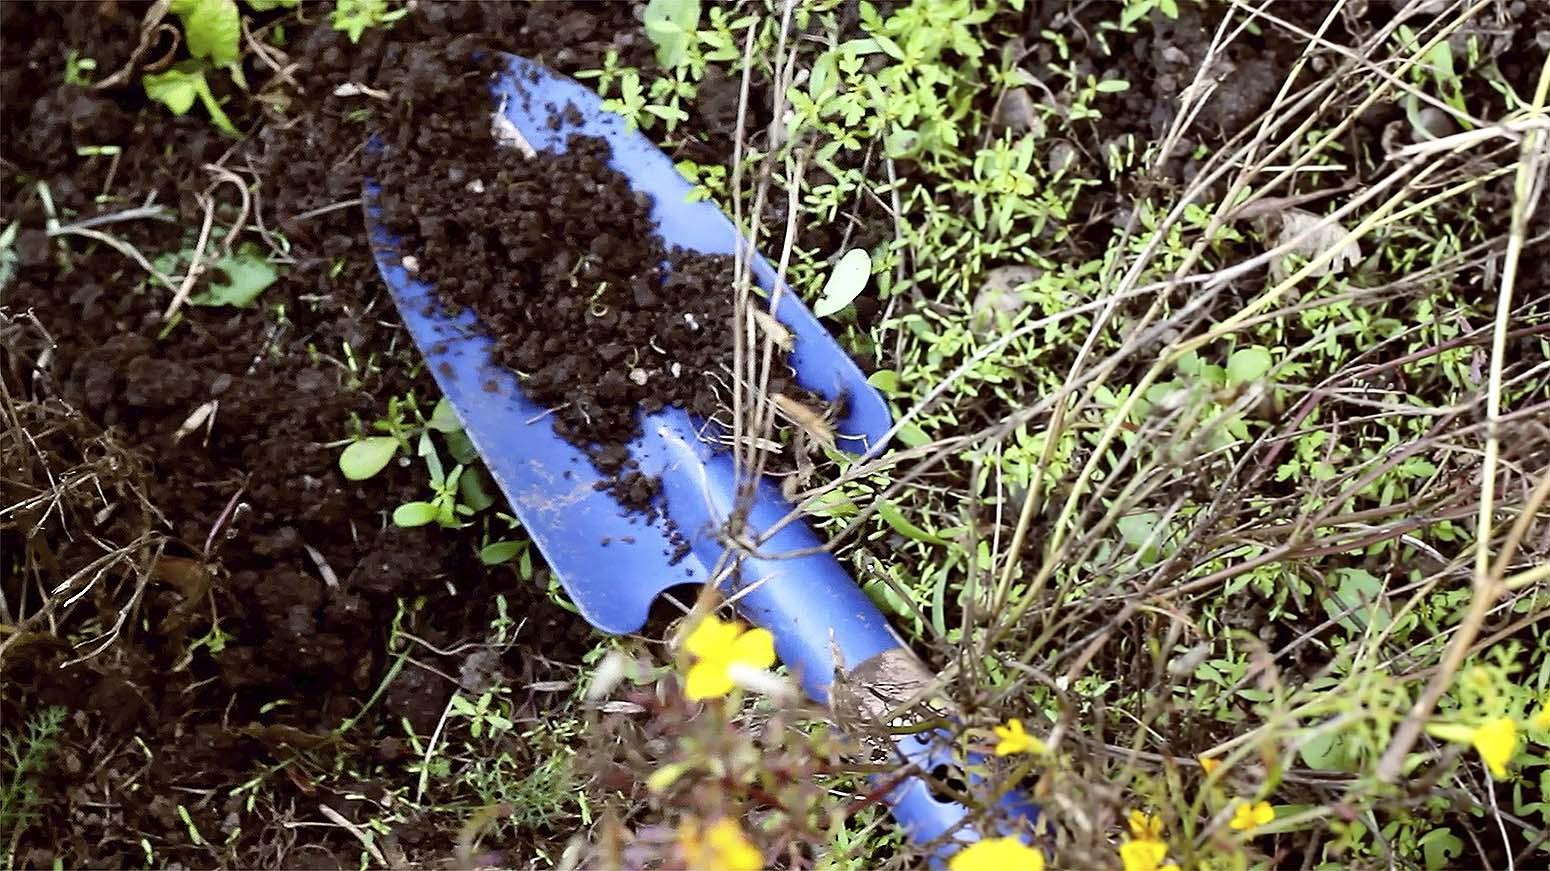 Eine blaue Gärtnerschaufel liegt mit Erde bedeckt im Beet.